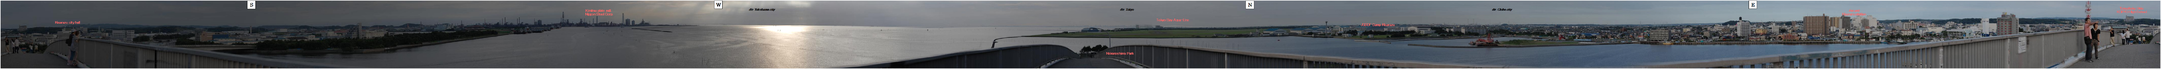 日本語: 中の島大橋より望む、木更津港の全景 (2009年8月14日撮影)